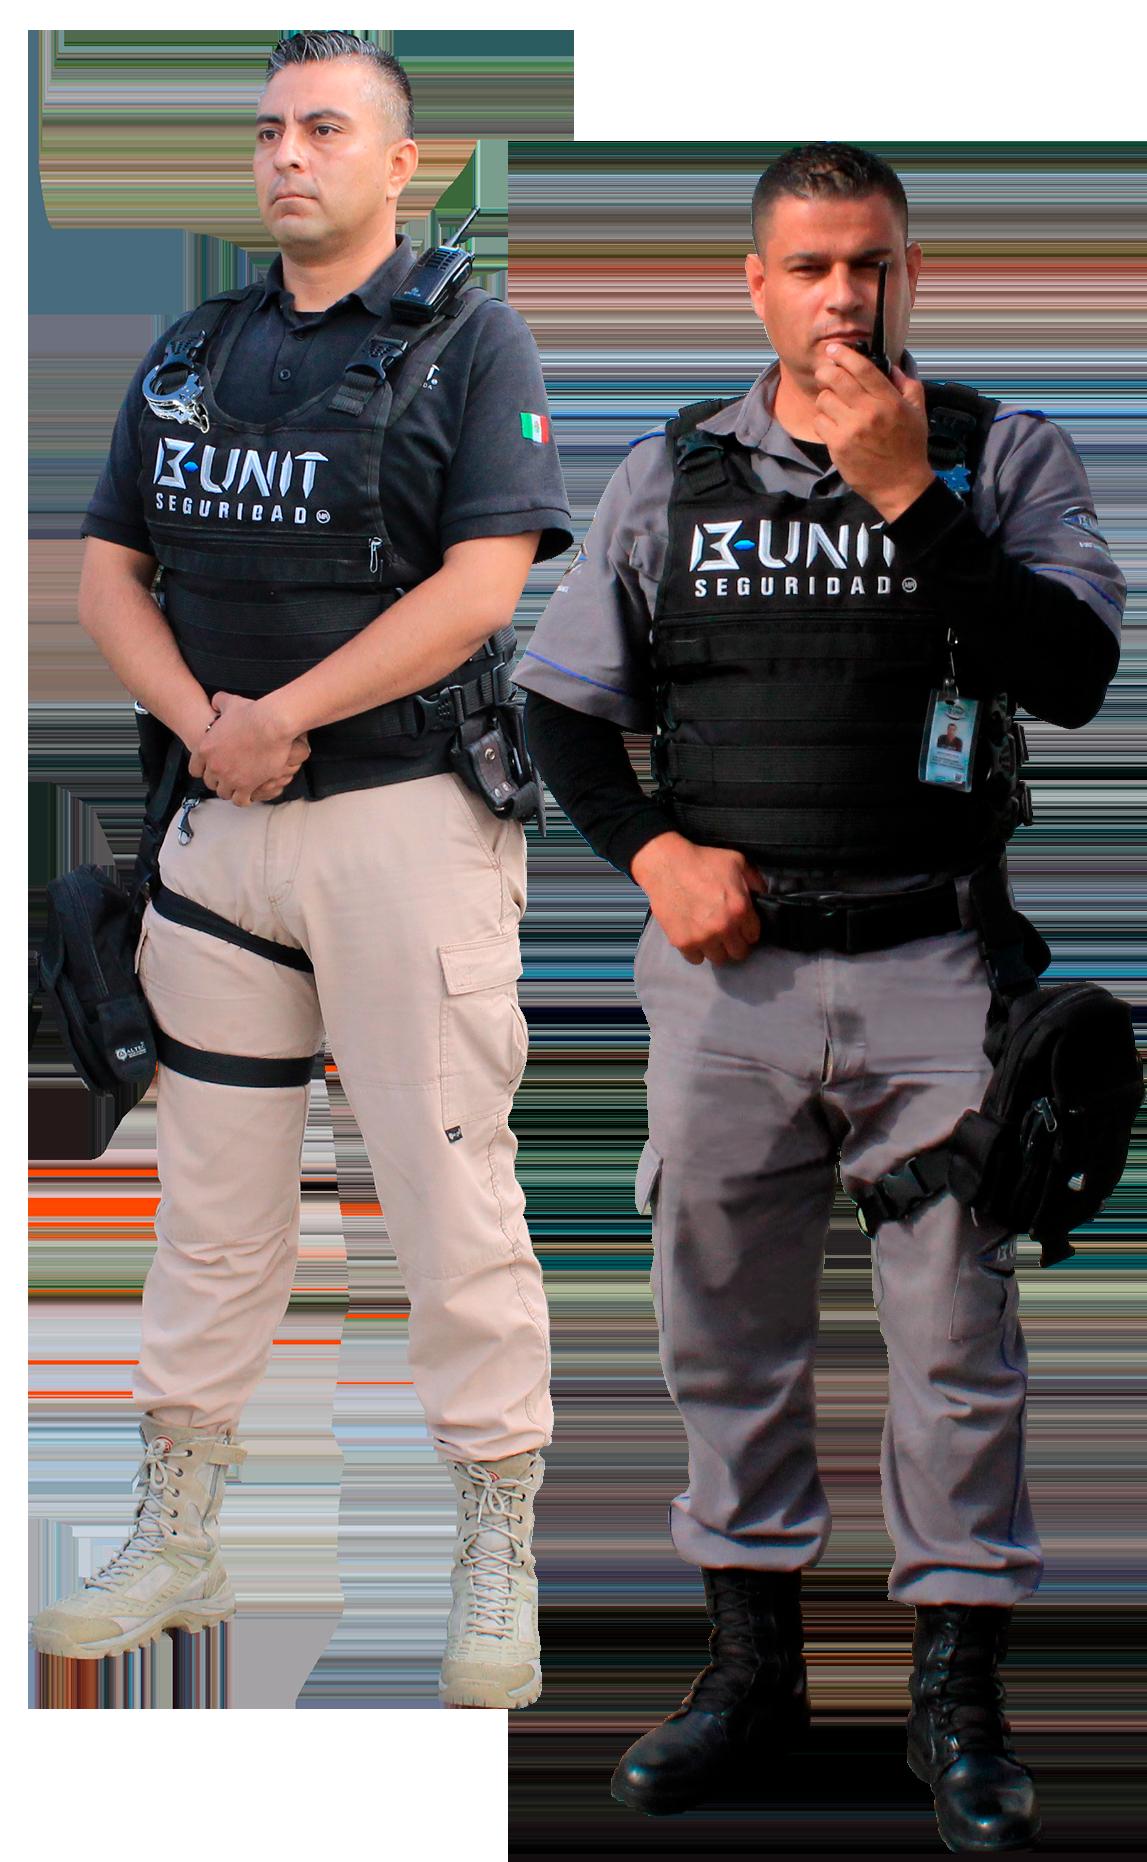 B UNIT elementos de seguridad elemento equipado bunit